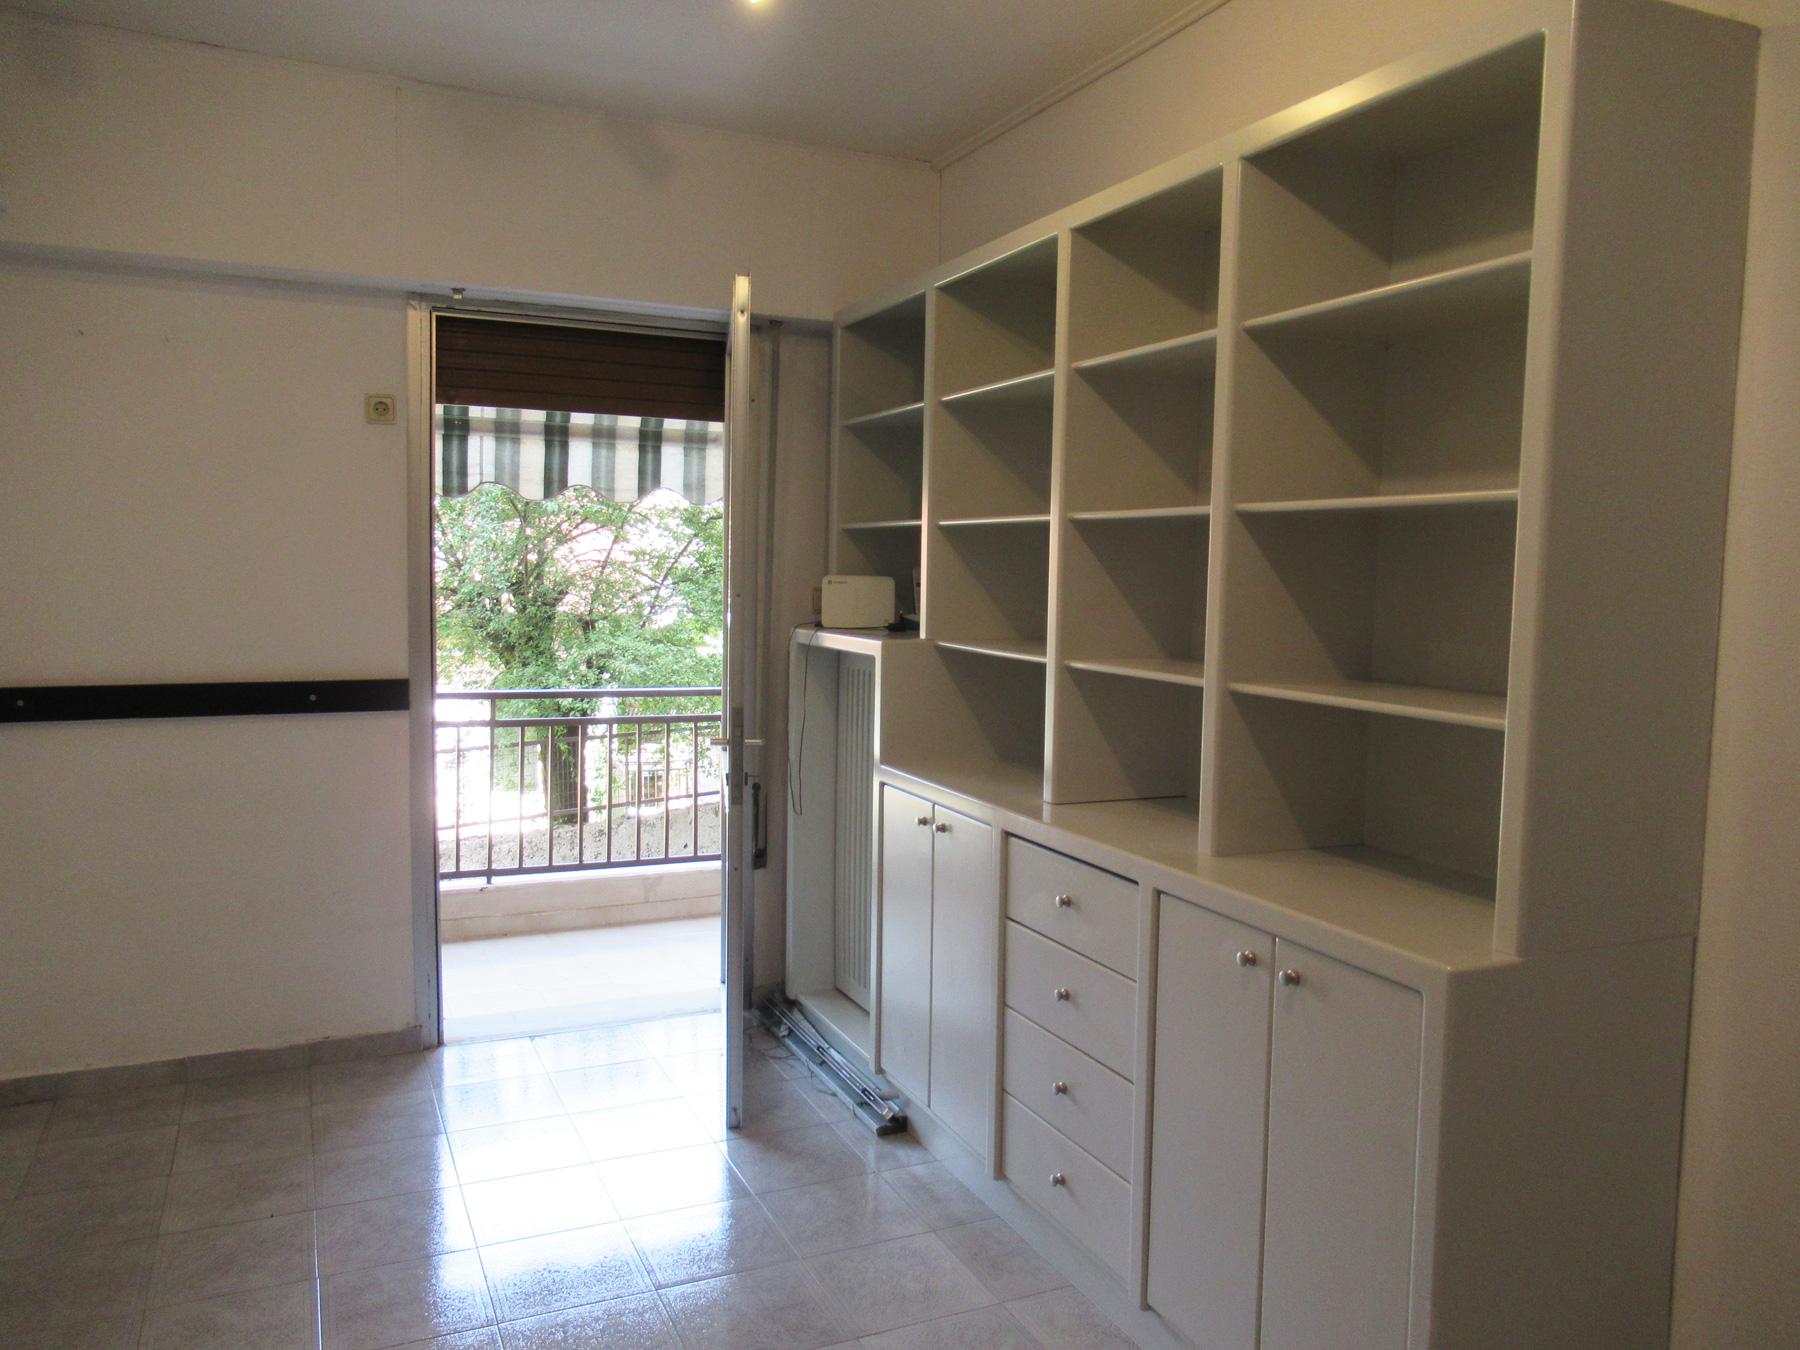 Ενοικιάζεται 2άρι διαμέρισμα 50 τ.μ. 1ου ορόφου σε πολύ κεντρικό σημείο της πόλης των Ιωαννίνων.